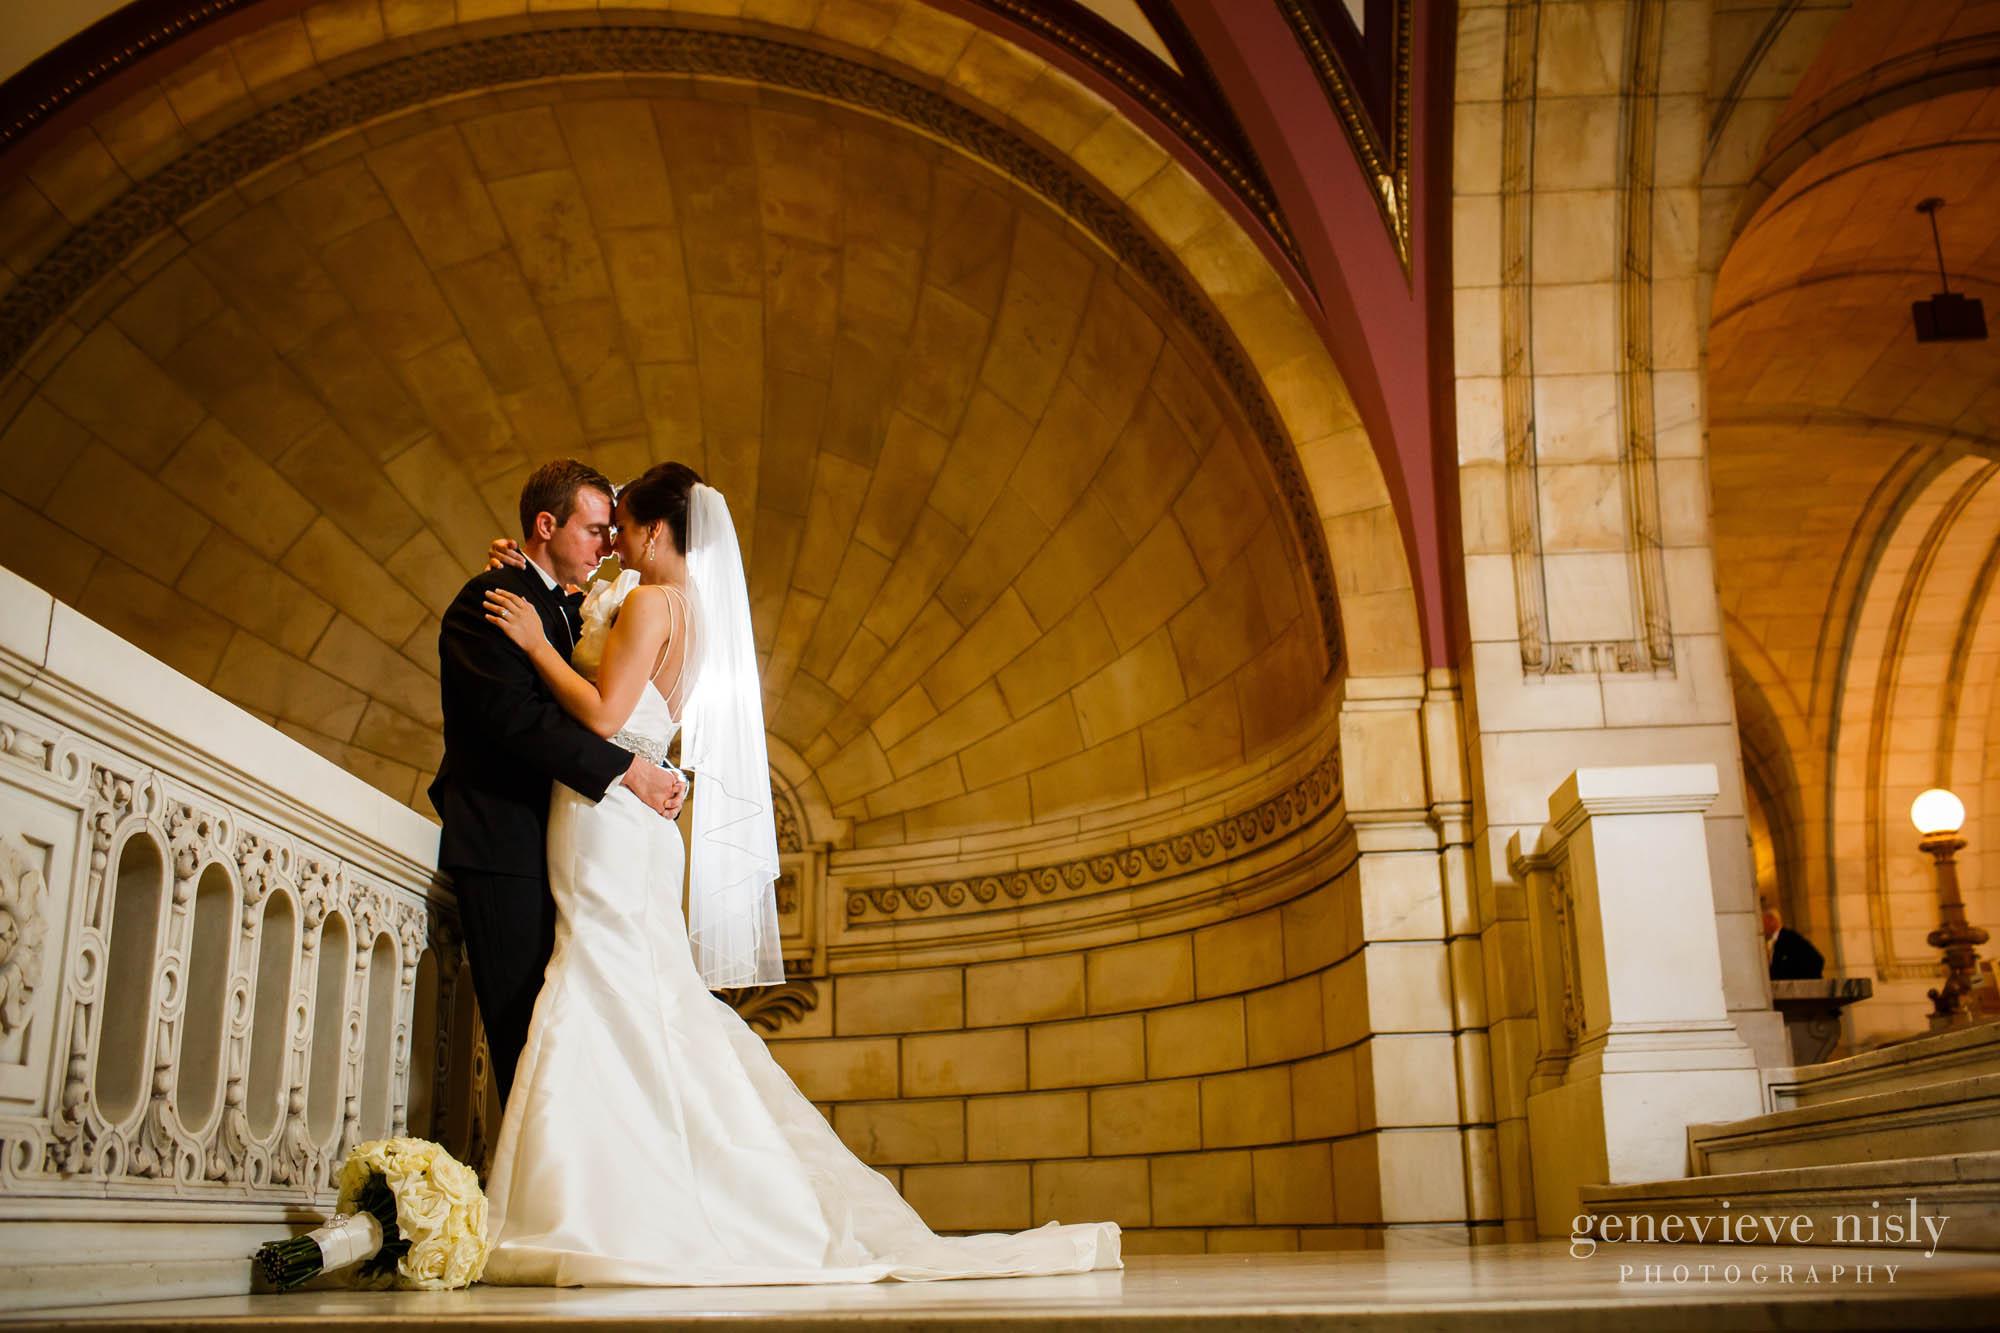 Indio courthouse wedding